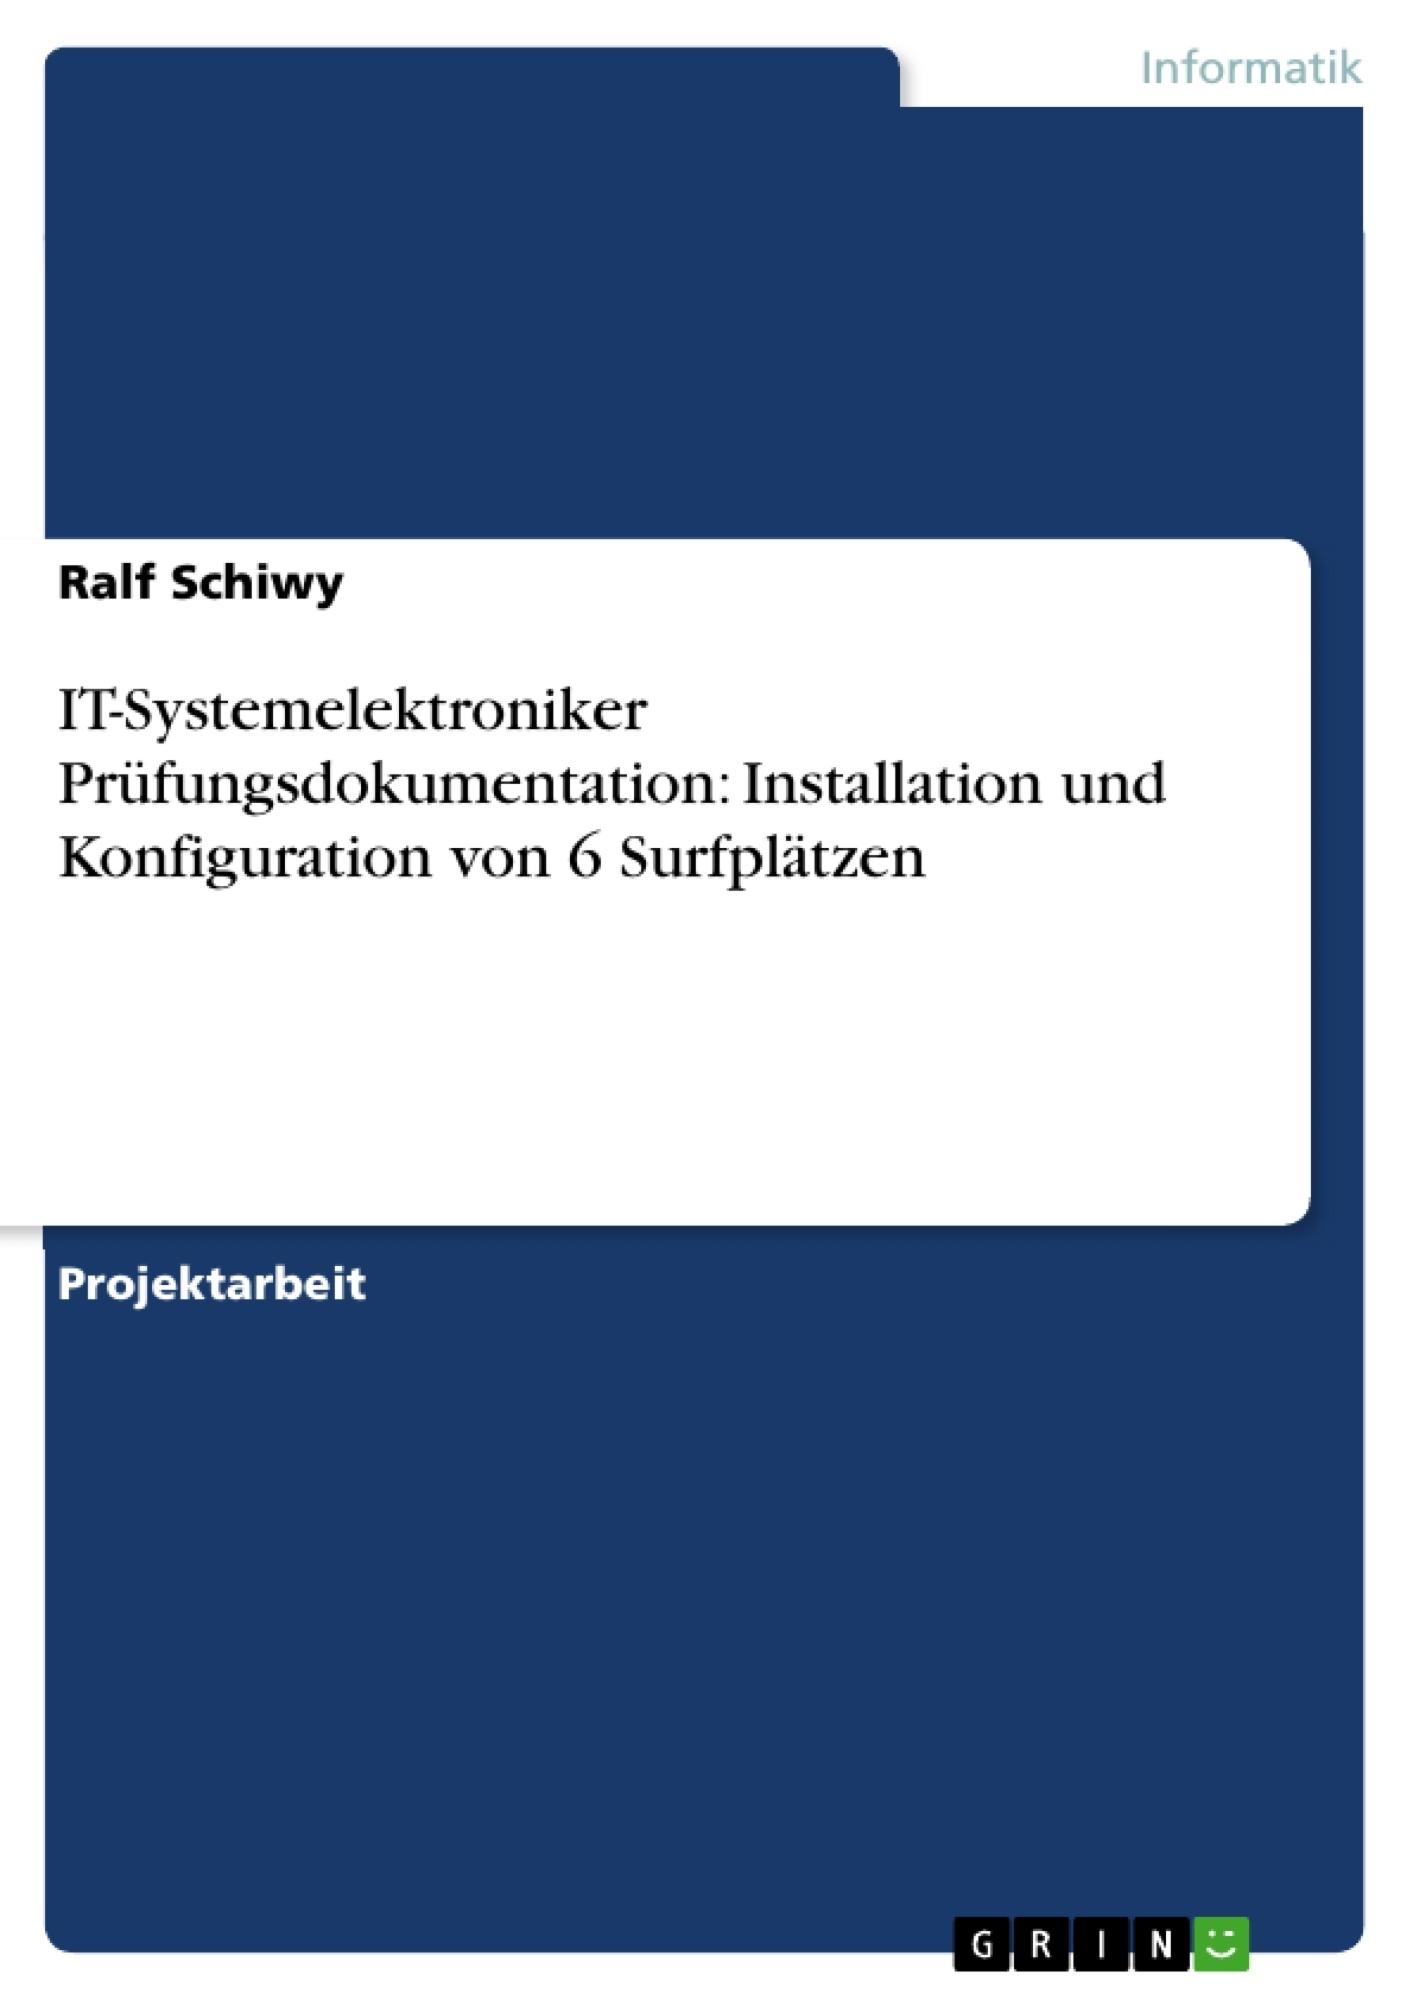 Titel: IT-Systemelektroniker Prüfungsdokumentation: Installation und Konfiguration von 6 Surfplätzen